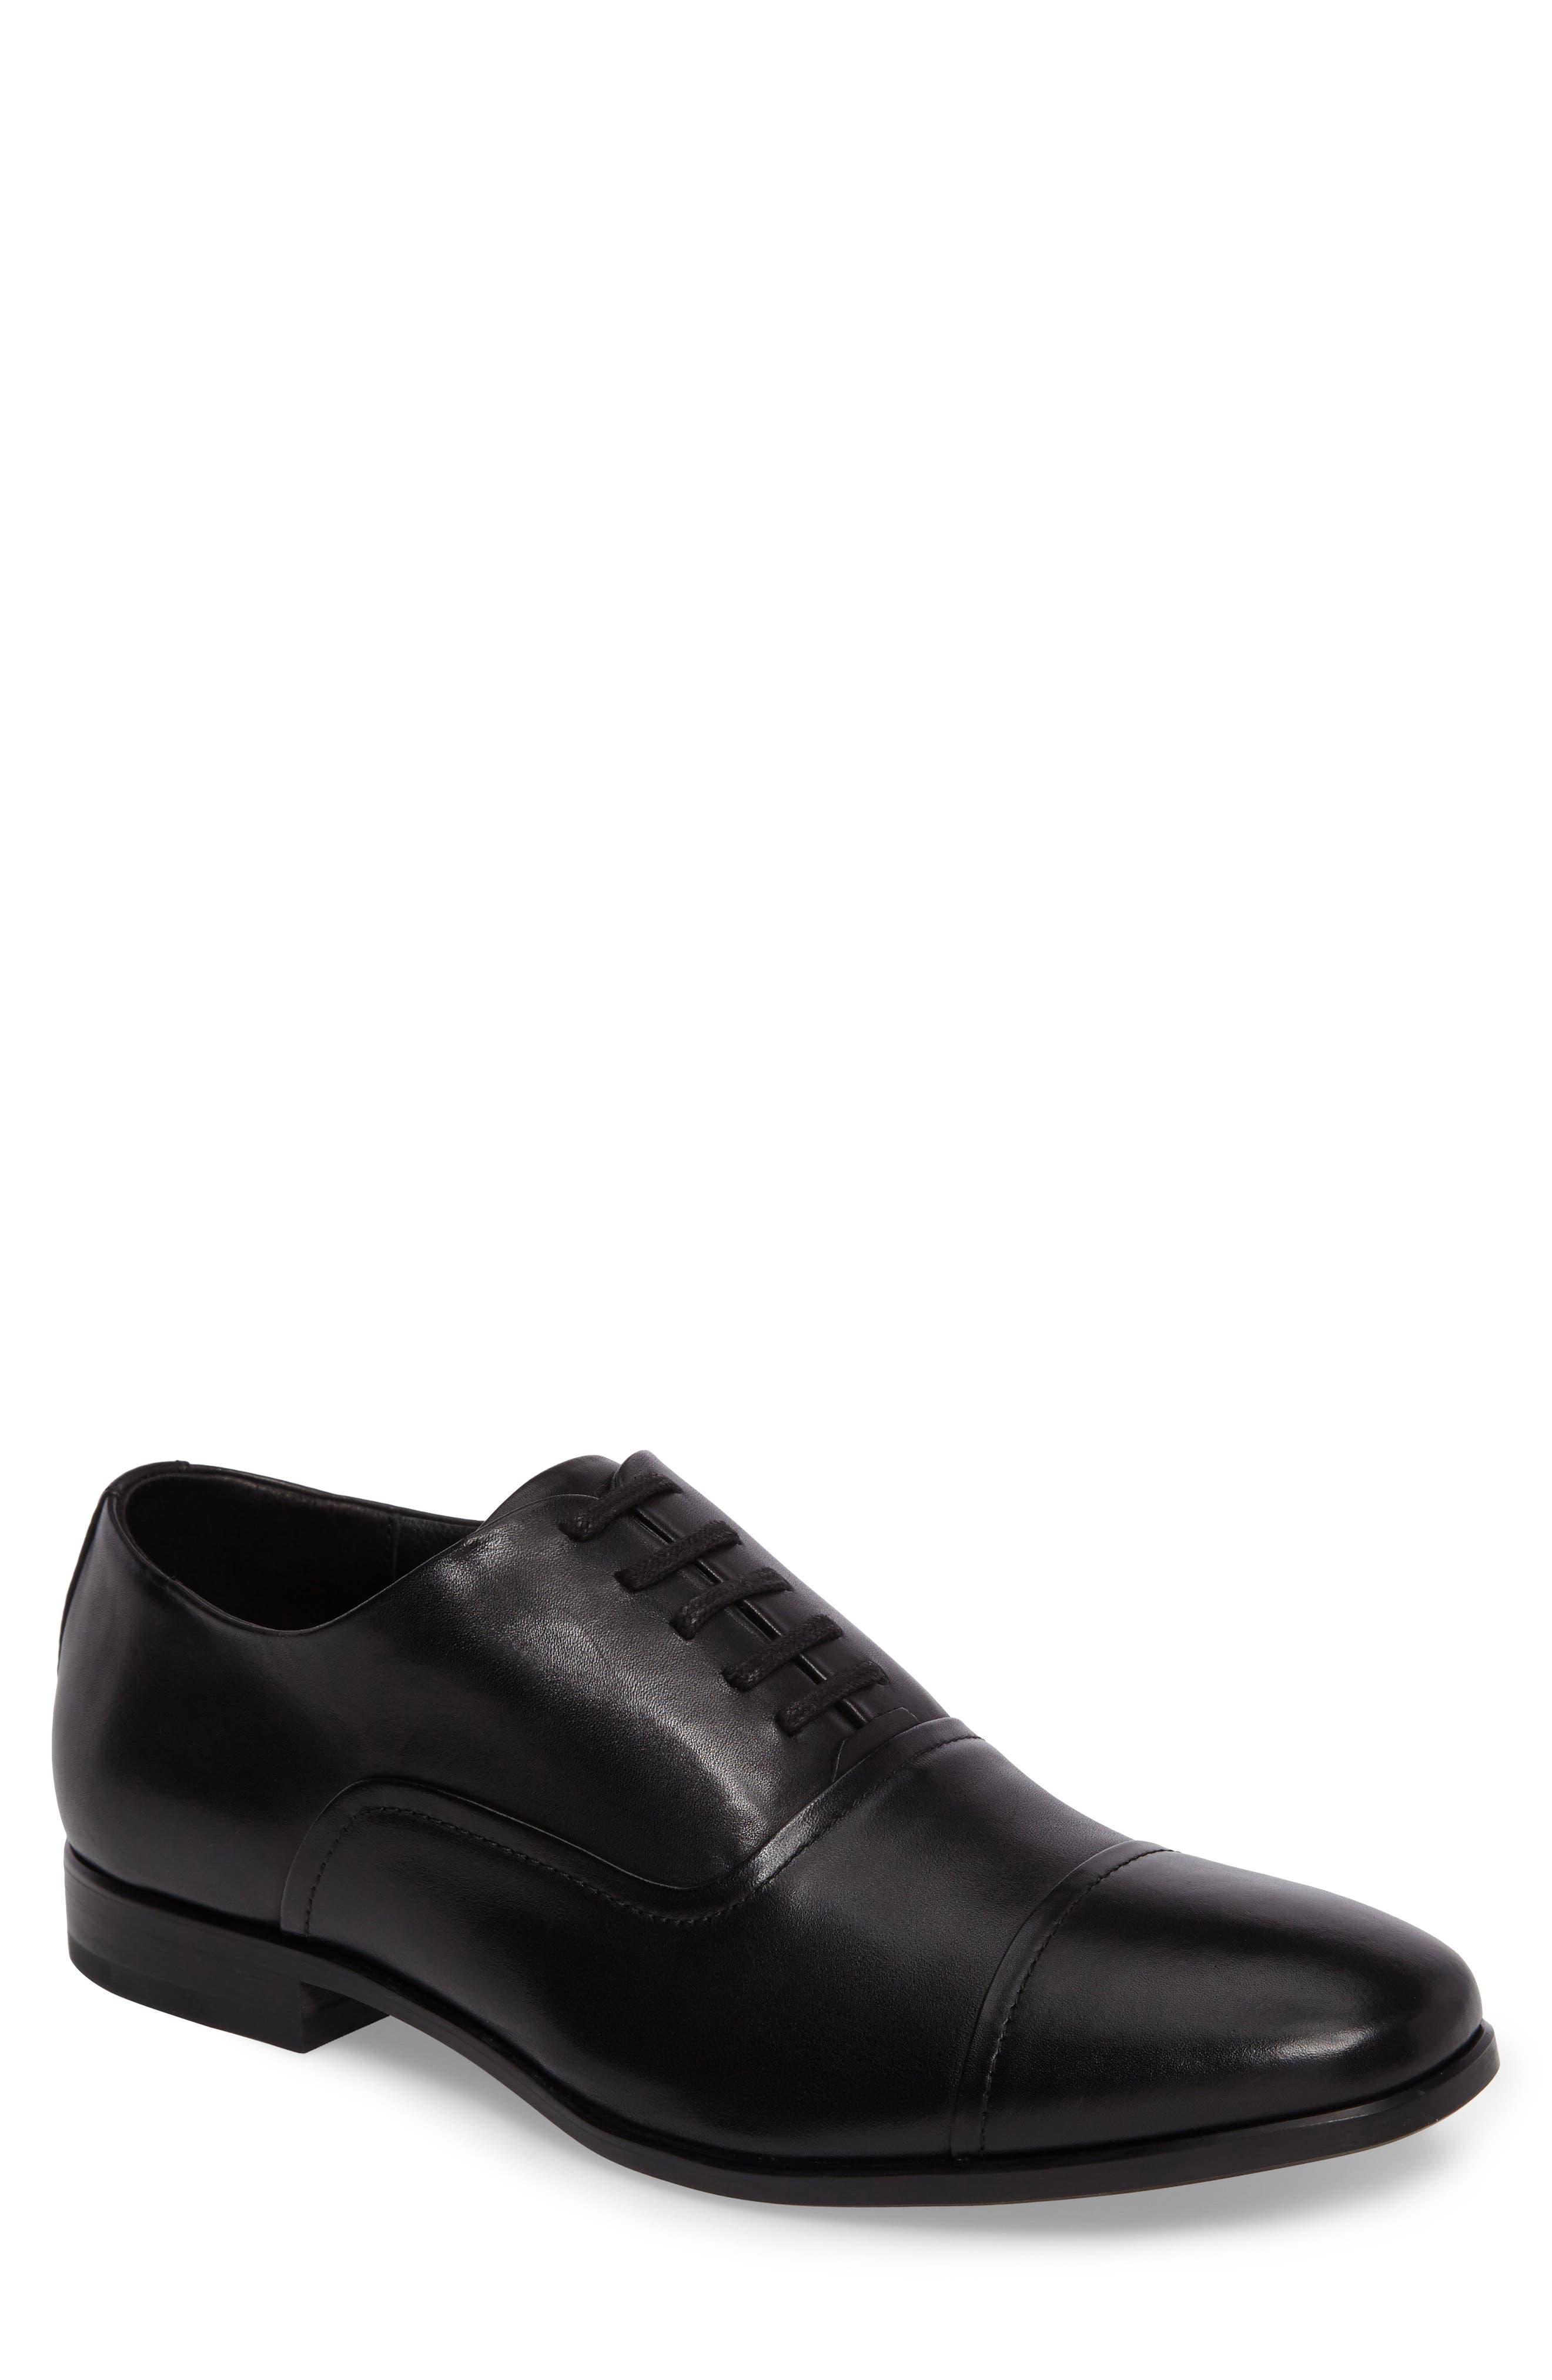 Alternate Image 1 Selected - Calvin Klein Saul Cap Toe Oxford (Men)